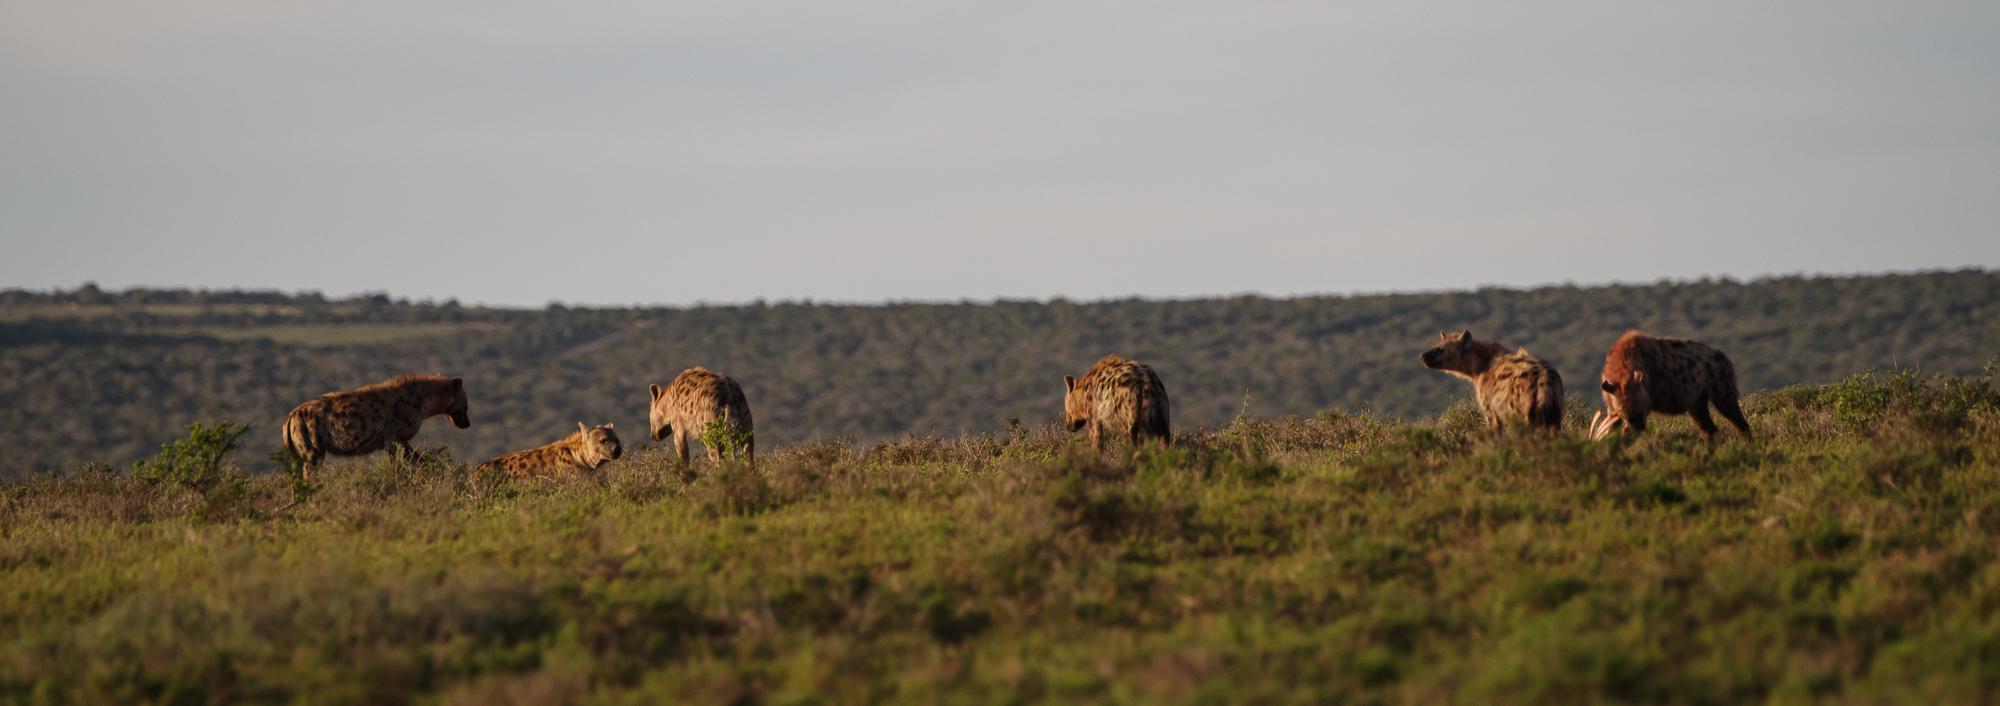 De hyena's met de vangst